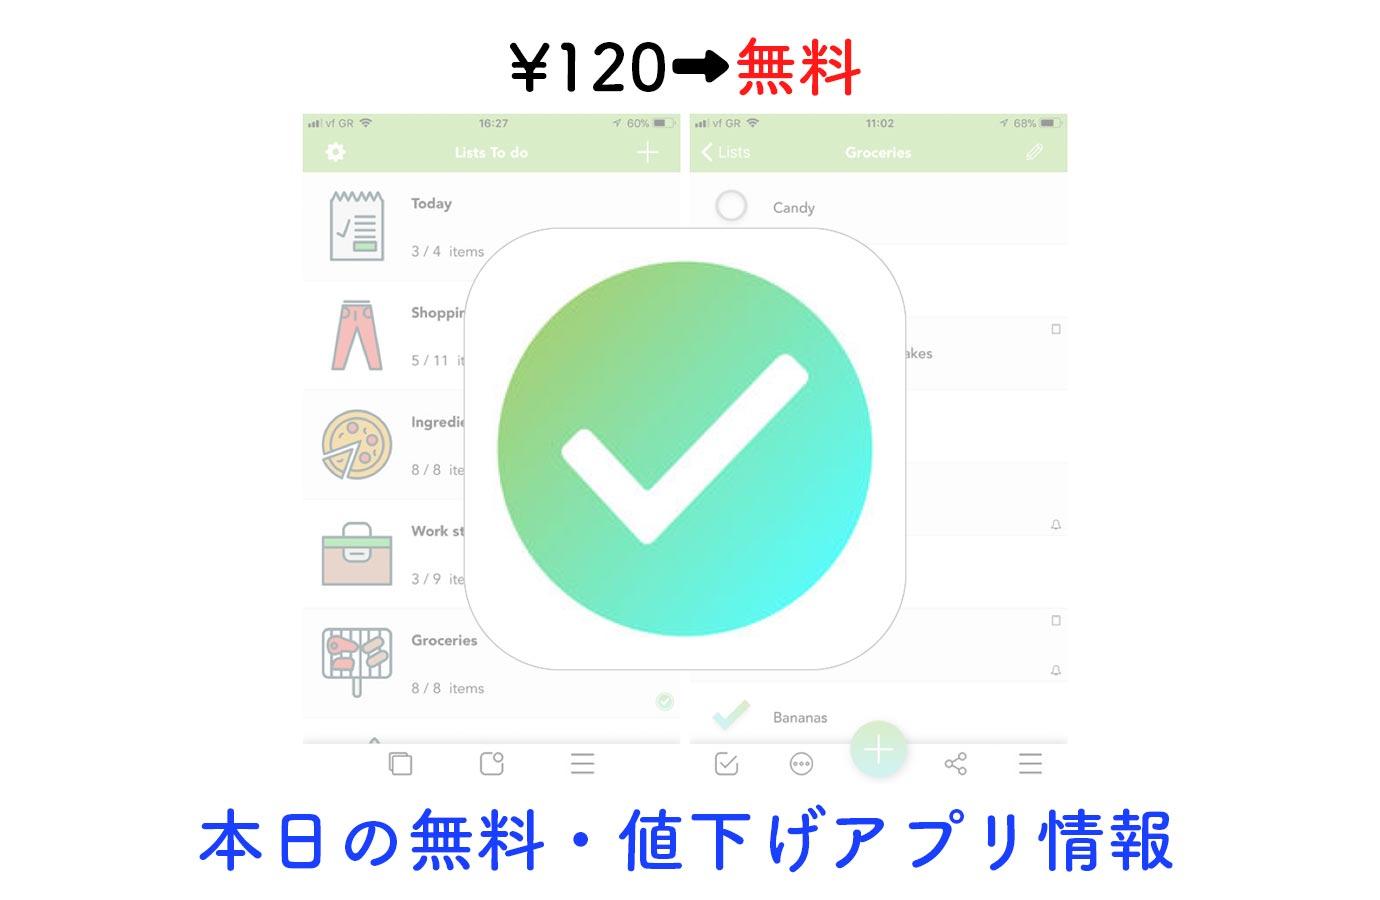 ¥120→無料、シンプルなデザインとアイコンでわかりやすいTodoアプリ「Lists To do」など【1/18】本日の無料・値下げアプリ情報